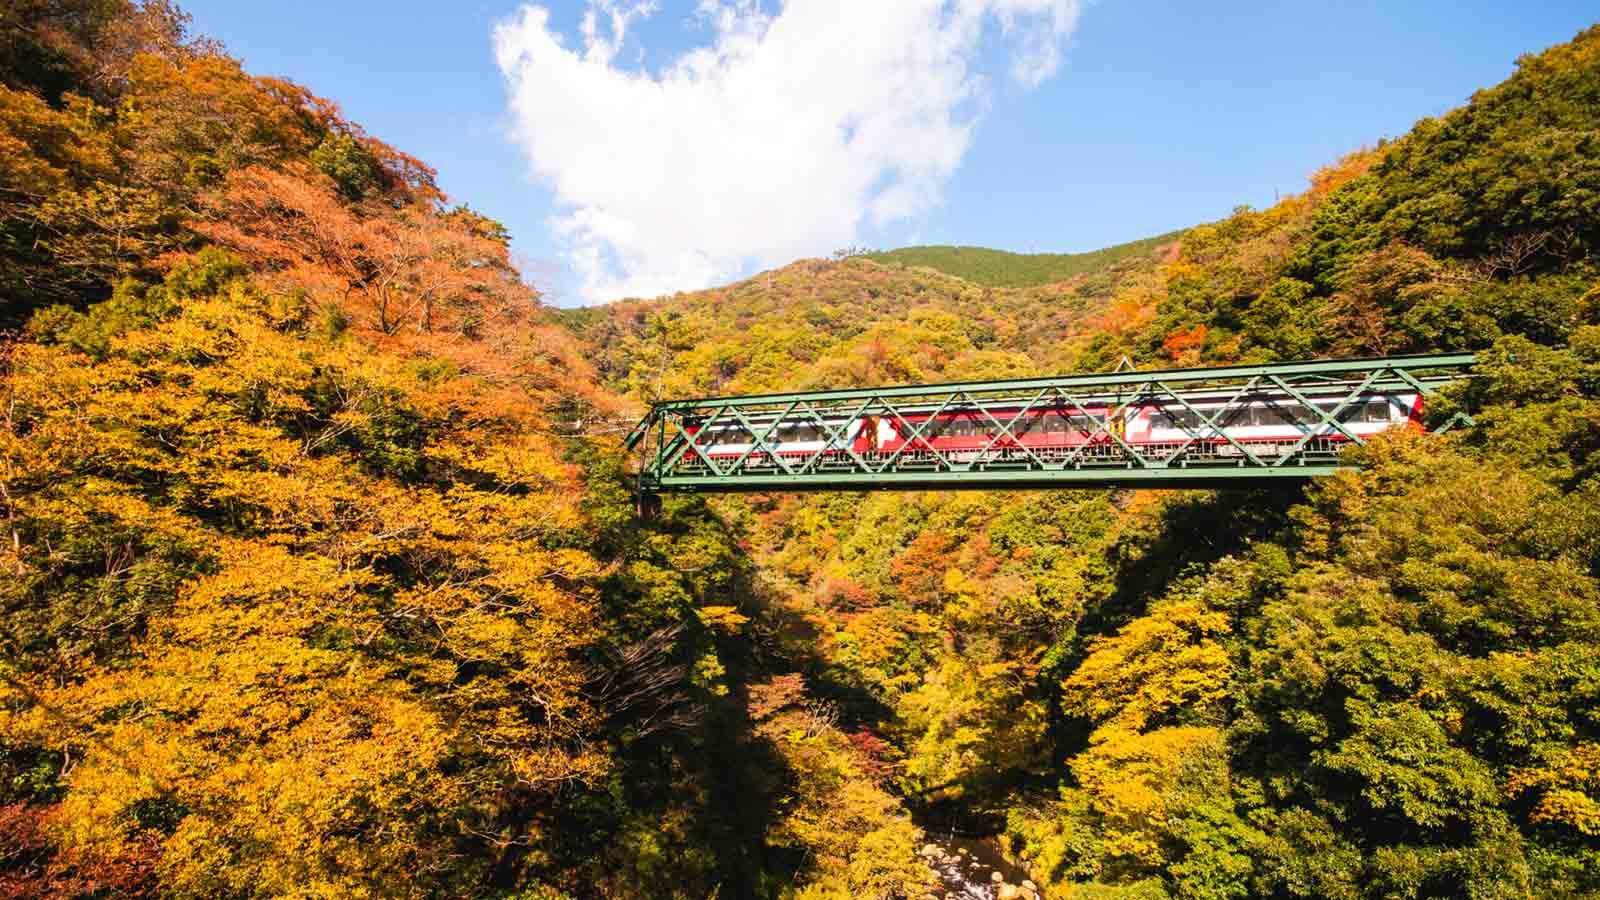 Fall Wallpaper 1600x900 【箱根】秋季紅葉觀賞推薦景點